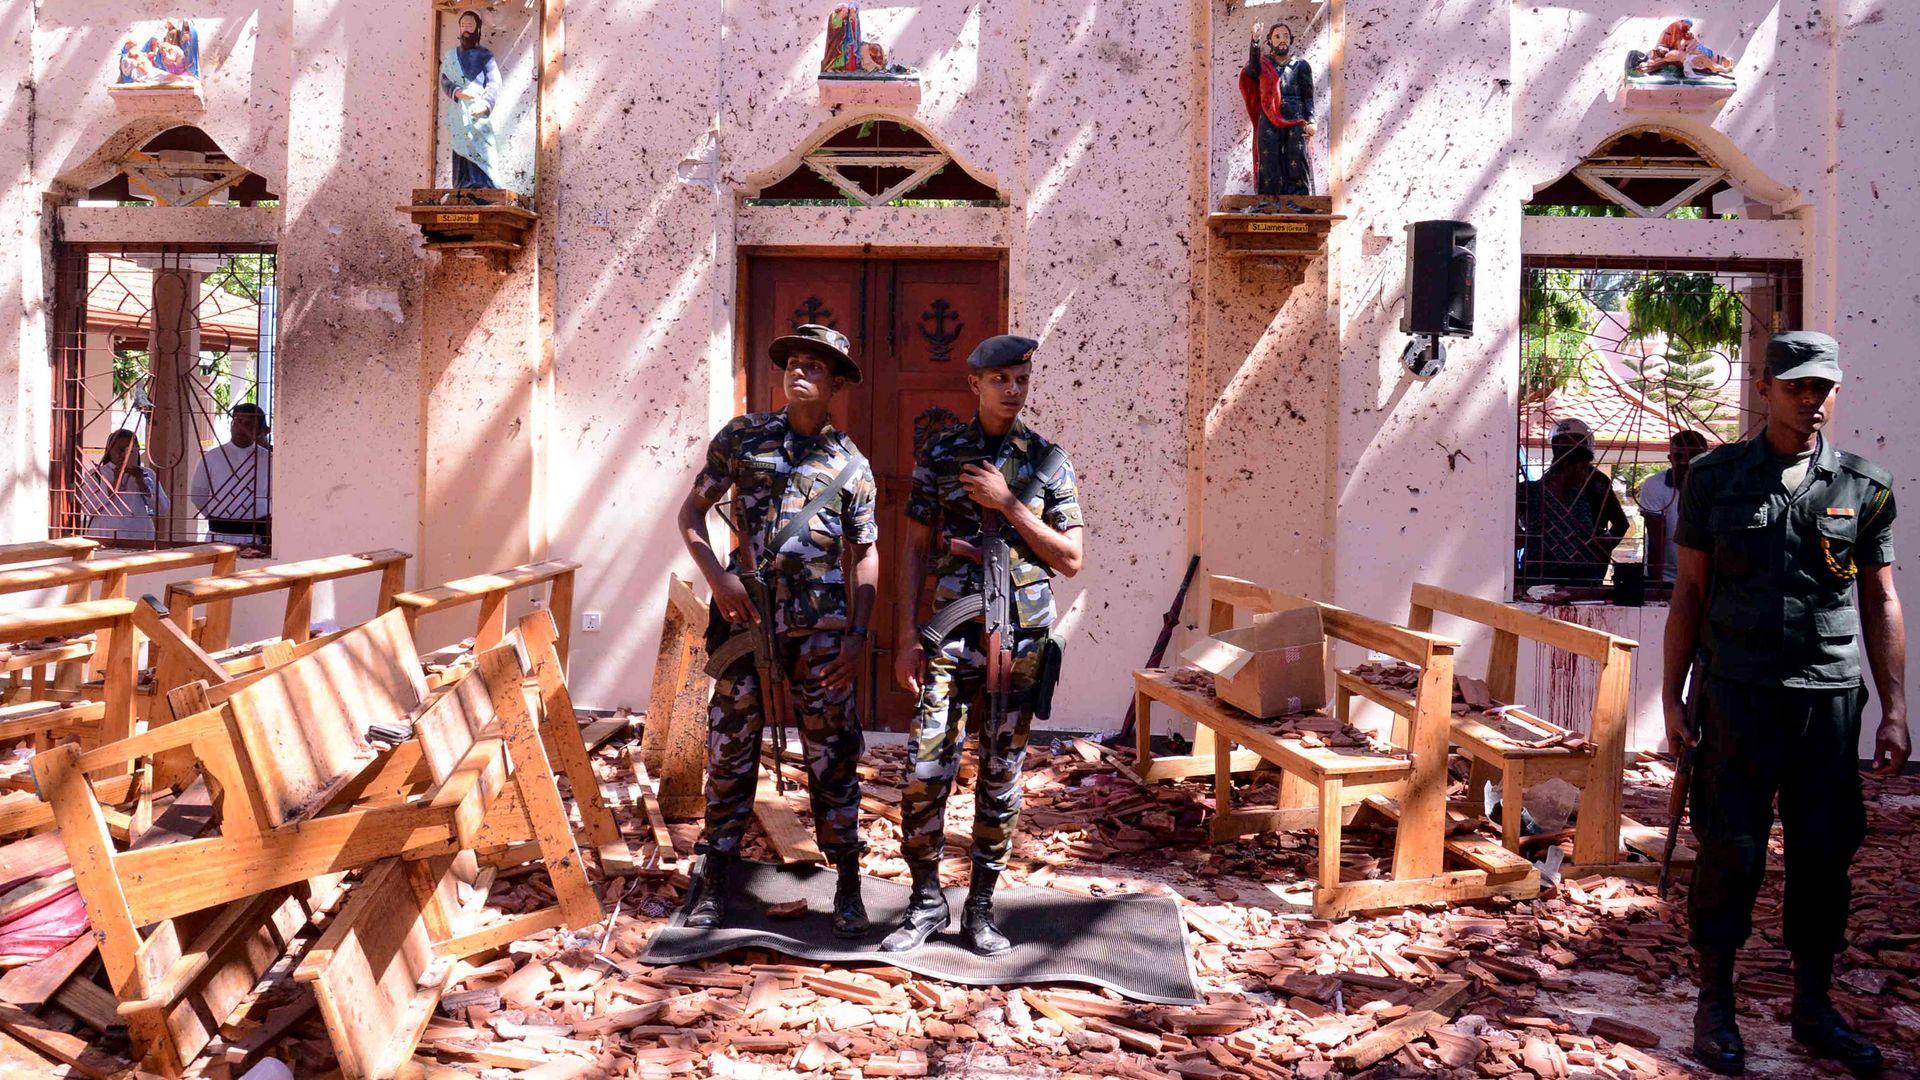 Sri Lankan soldiers look on inside the St Sebastian's Church at Katuwapitiya in Negombo on Sunday.